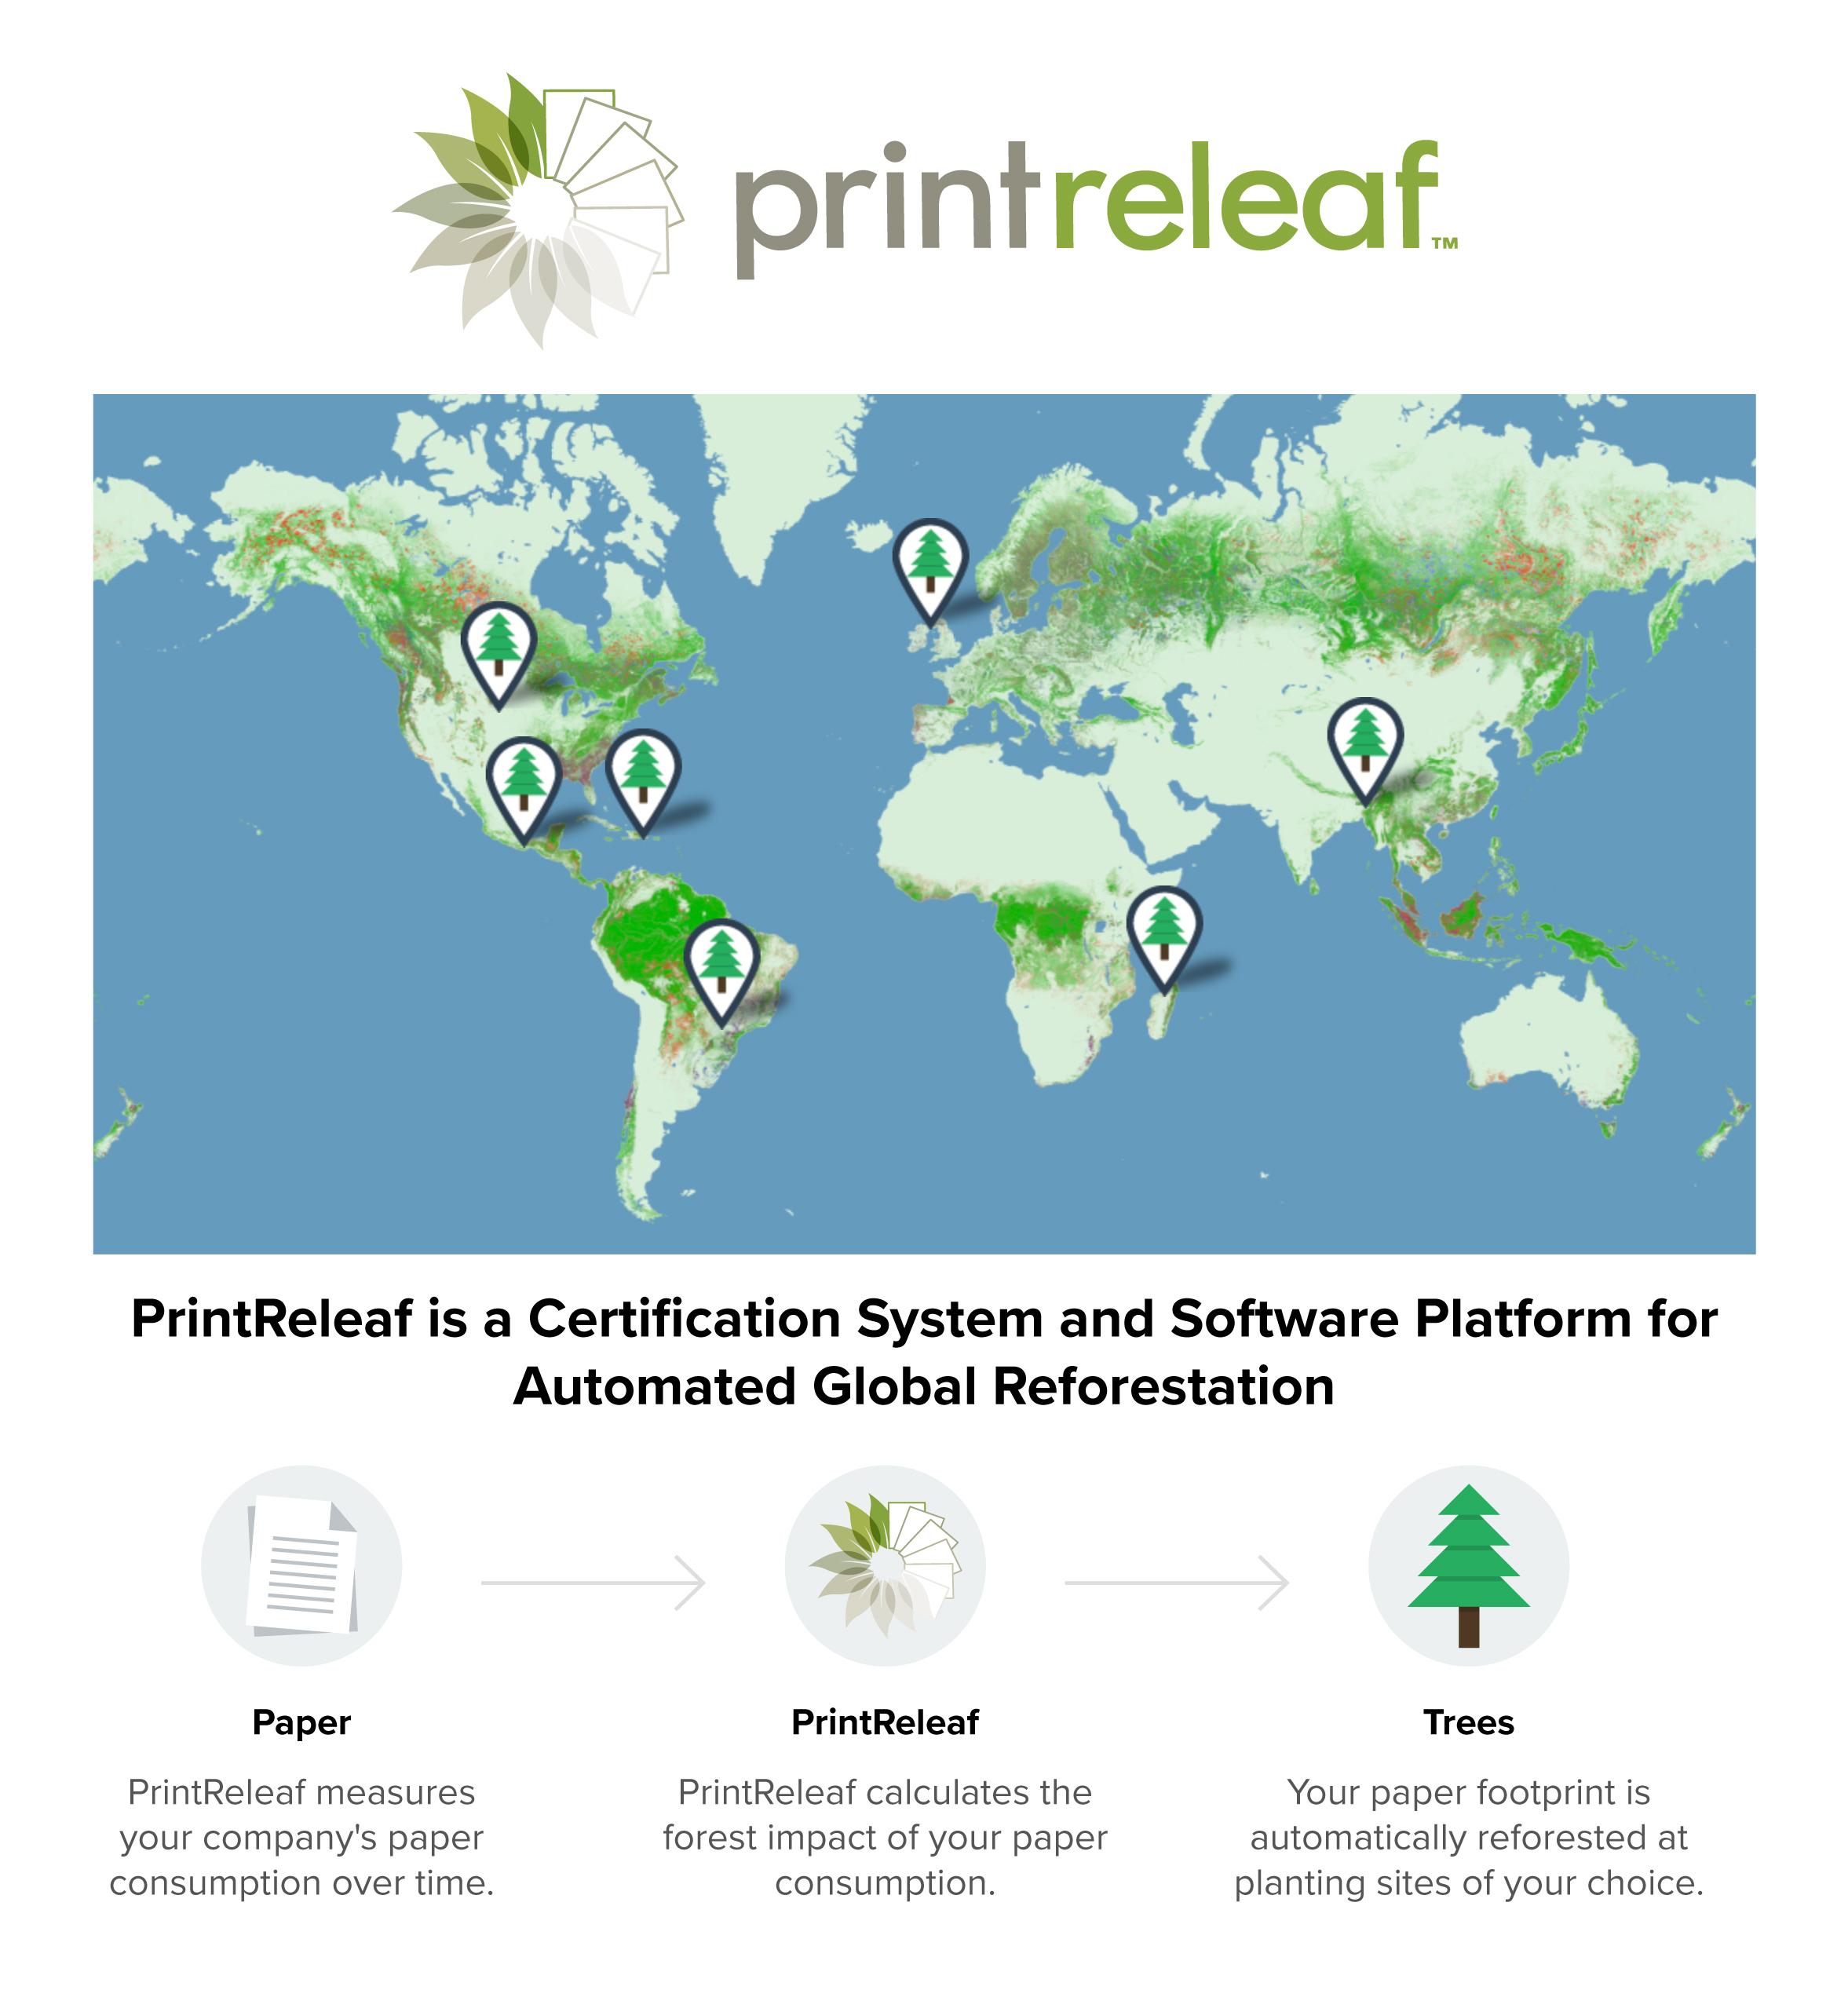 Xerox și PrintReleaf contribuie la reîmpădurirea planetei